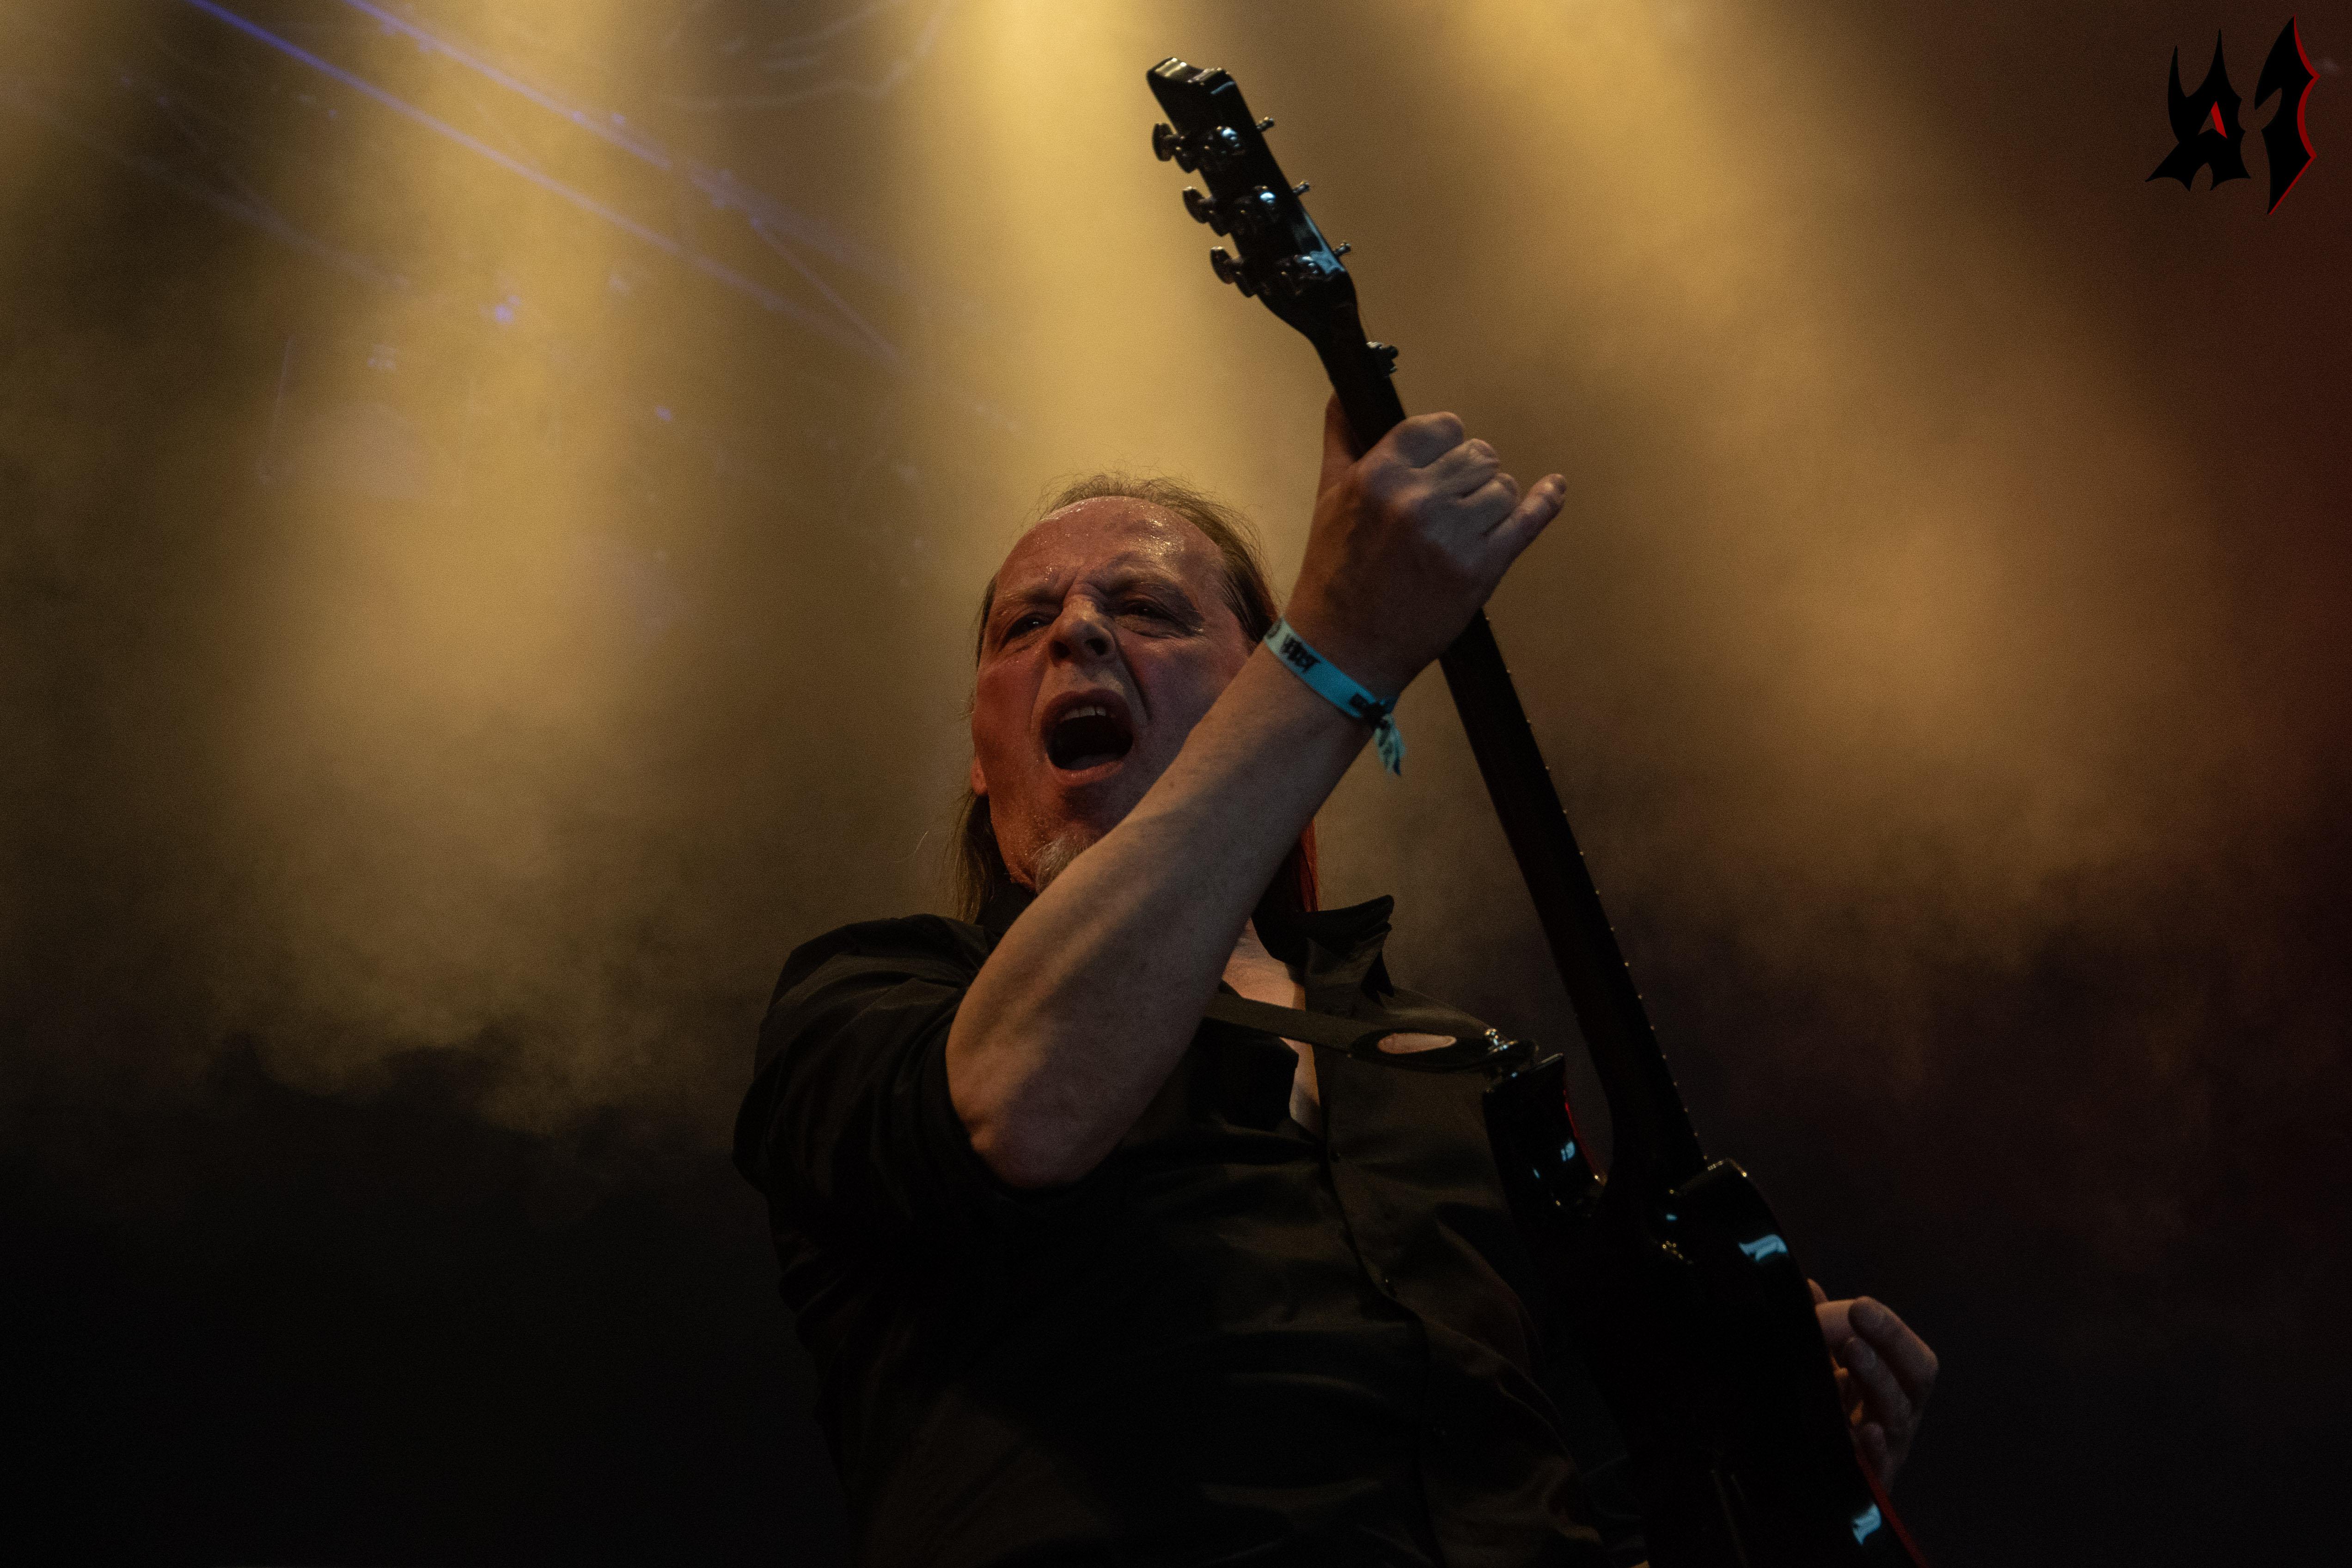 Hellfest - Candlemass - 12